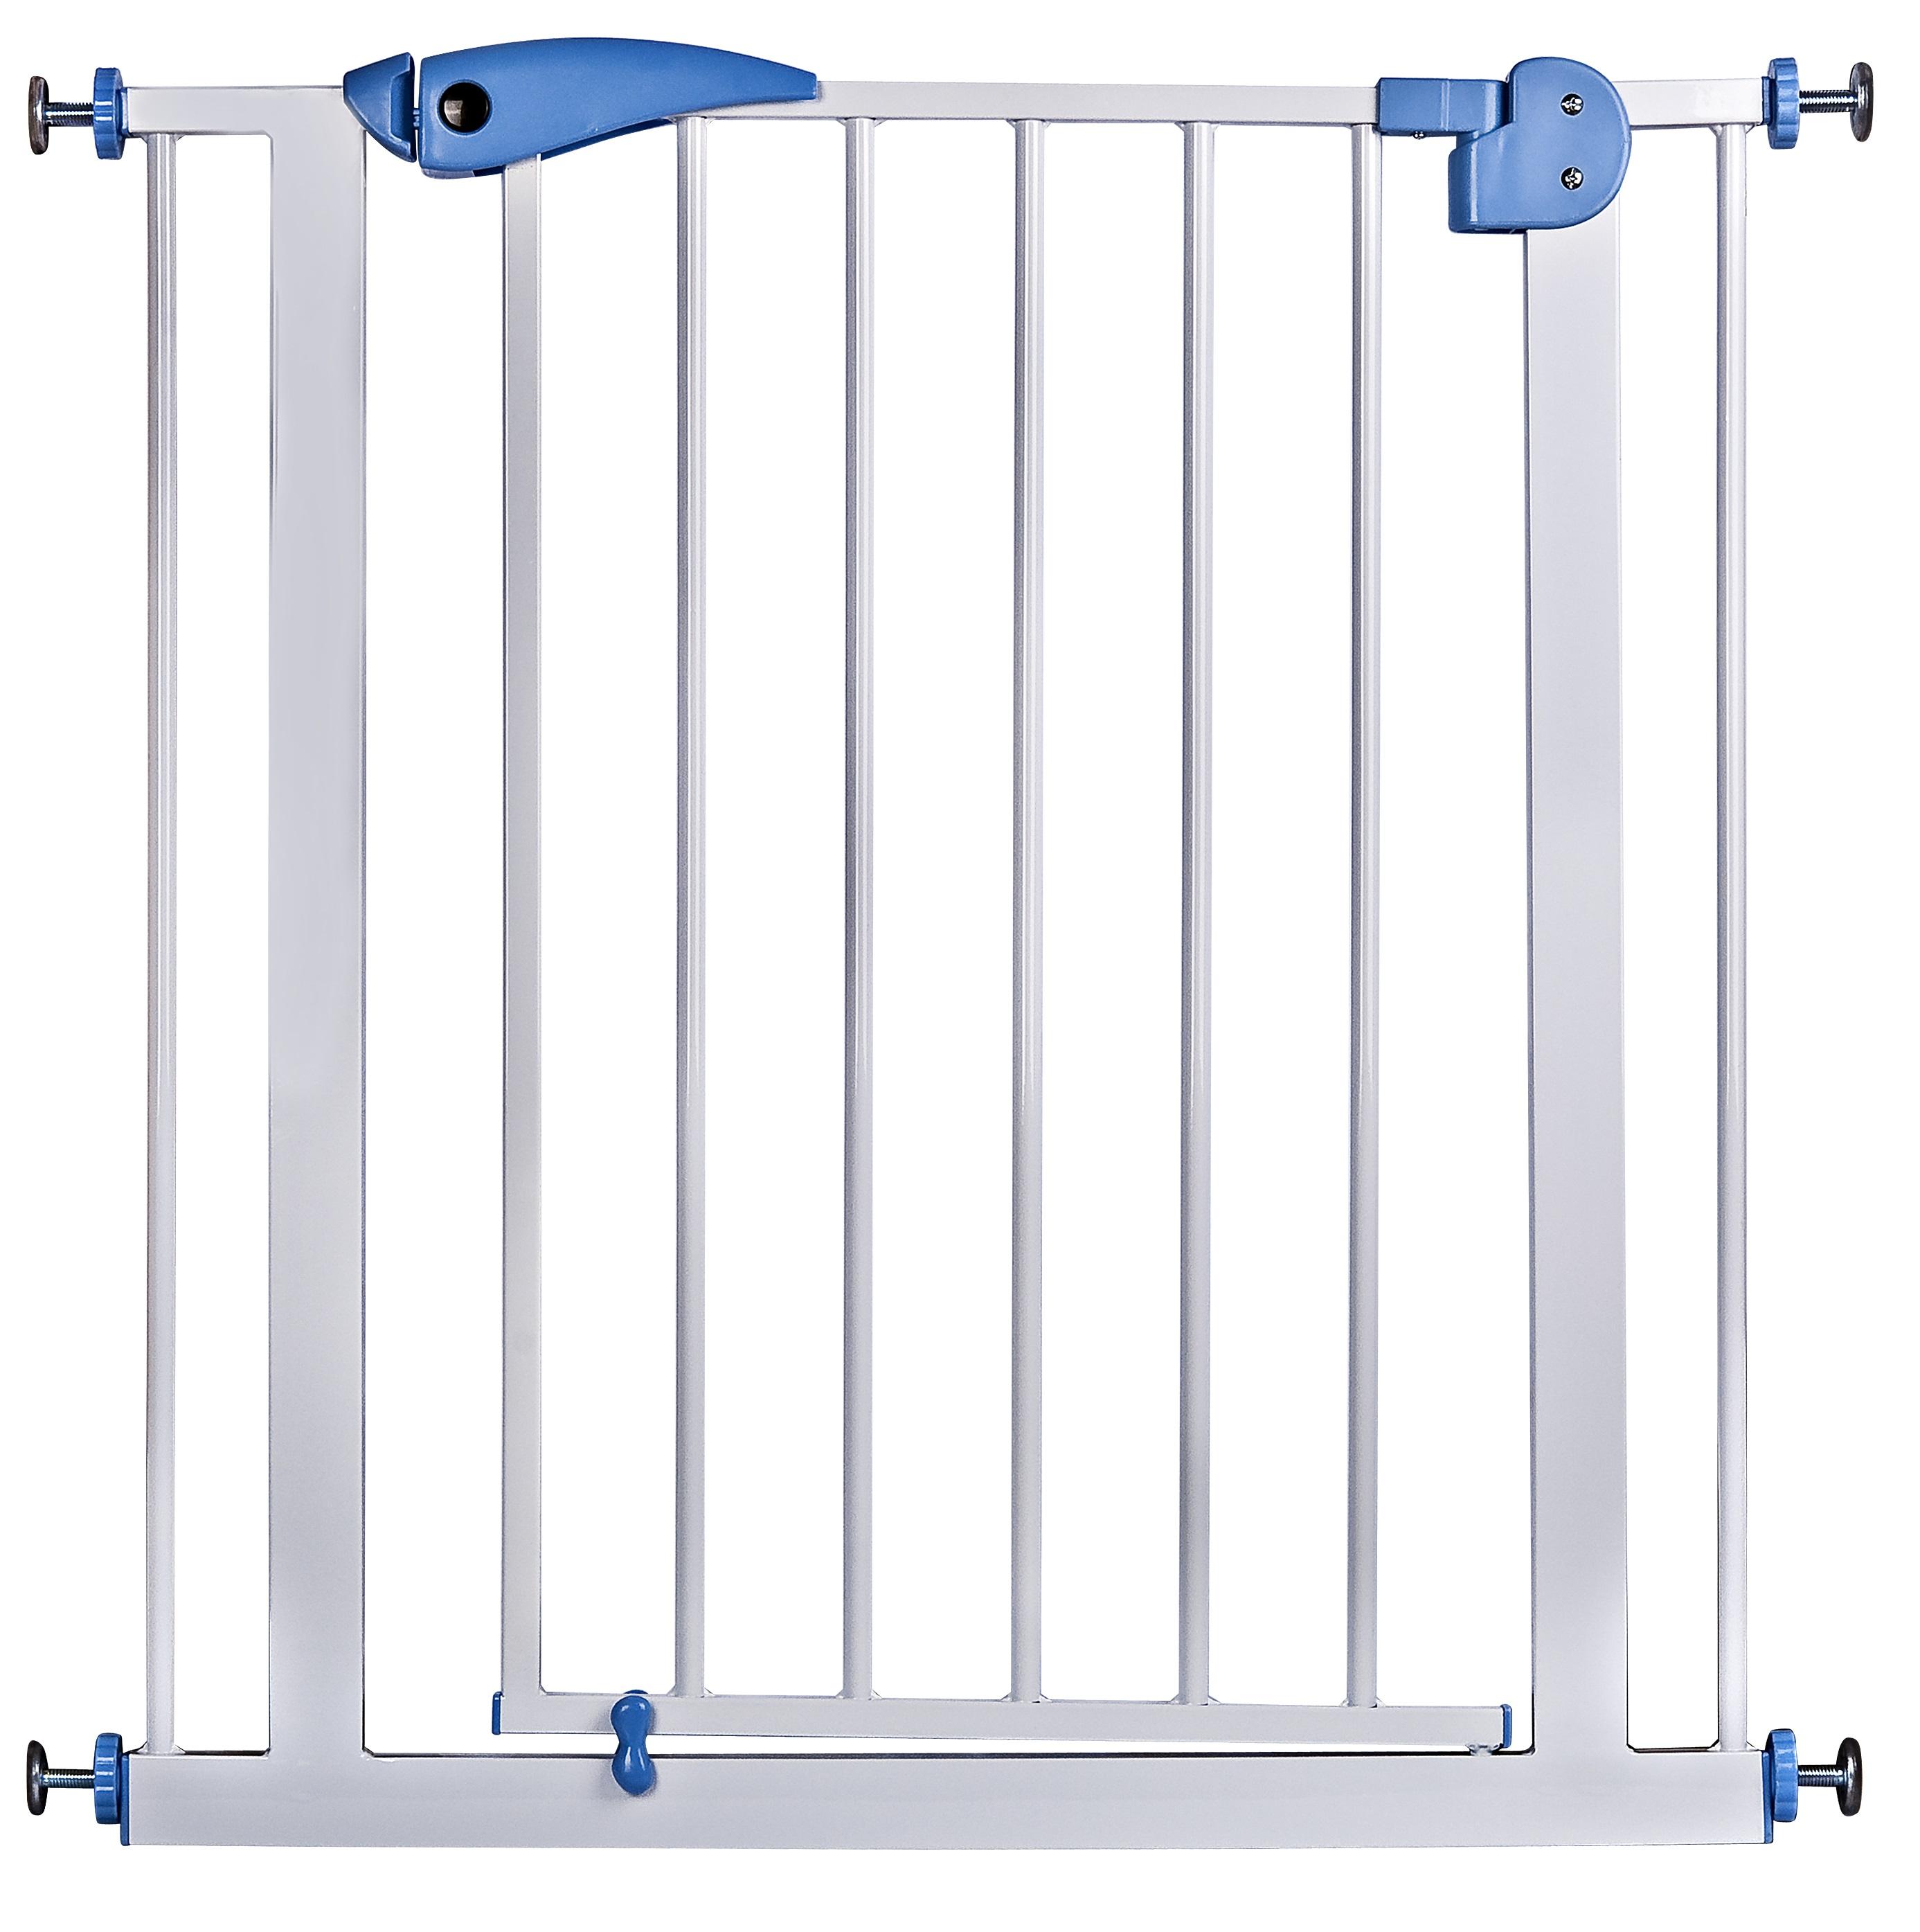 ประตูกั้นบันได้ สูง 76 cm กว้าง 70cm เลือกตัวยึดฟรี 4 ชั้น